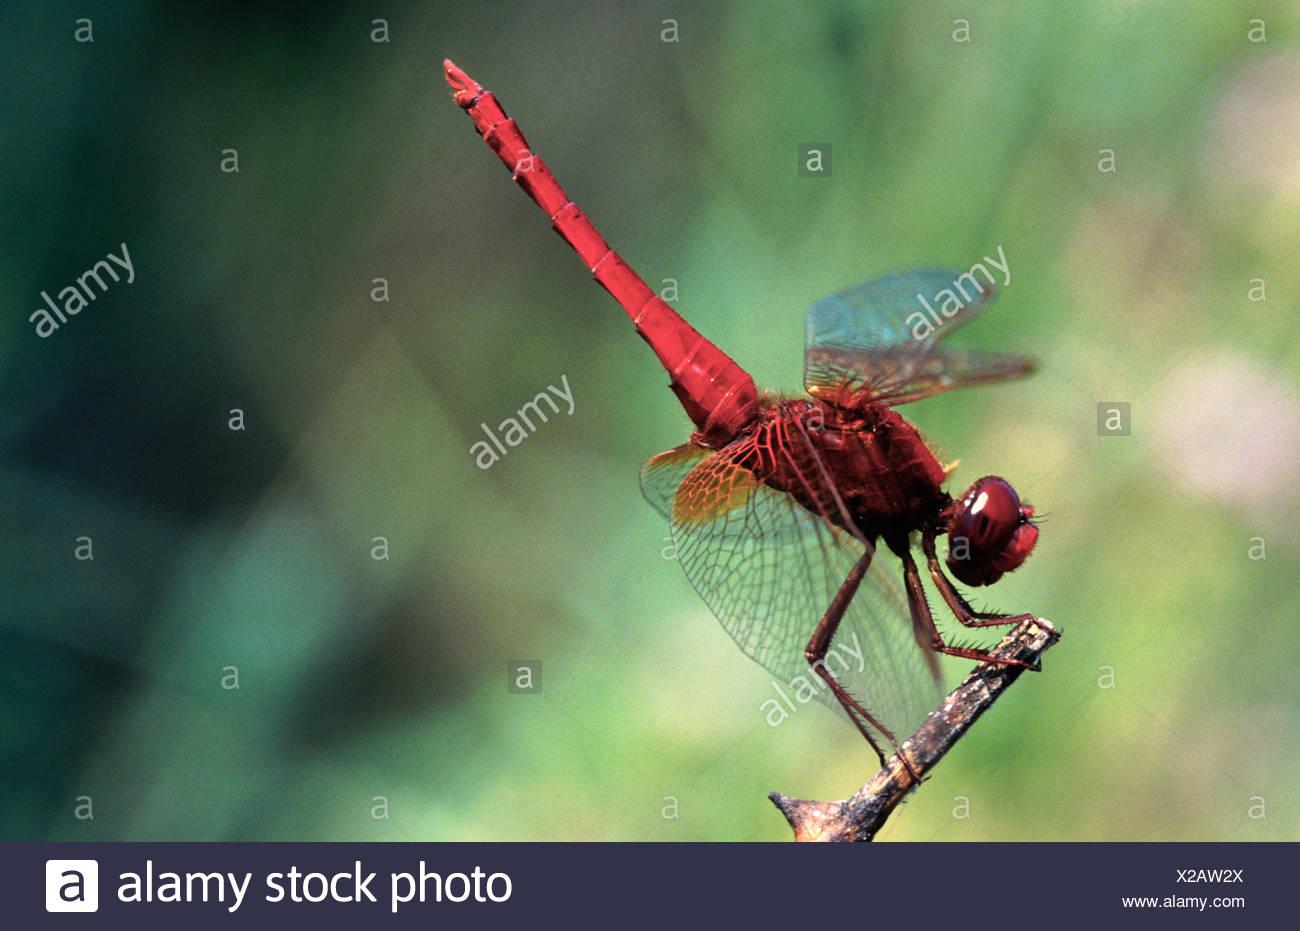 scarlet darter (Crocothemis erythraea), Greece Stock Photo